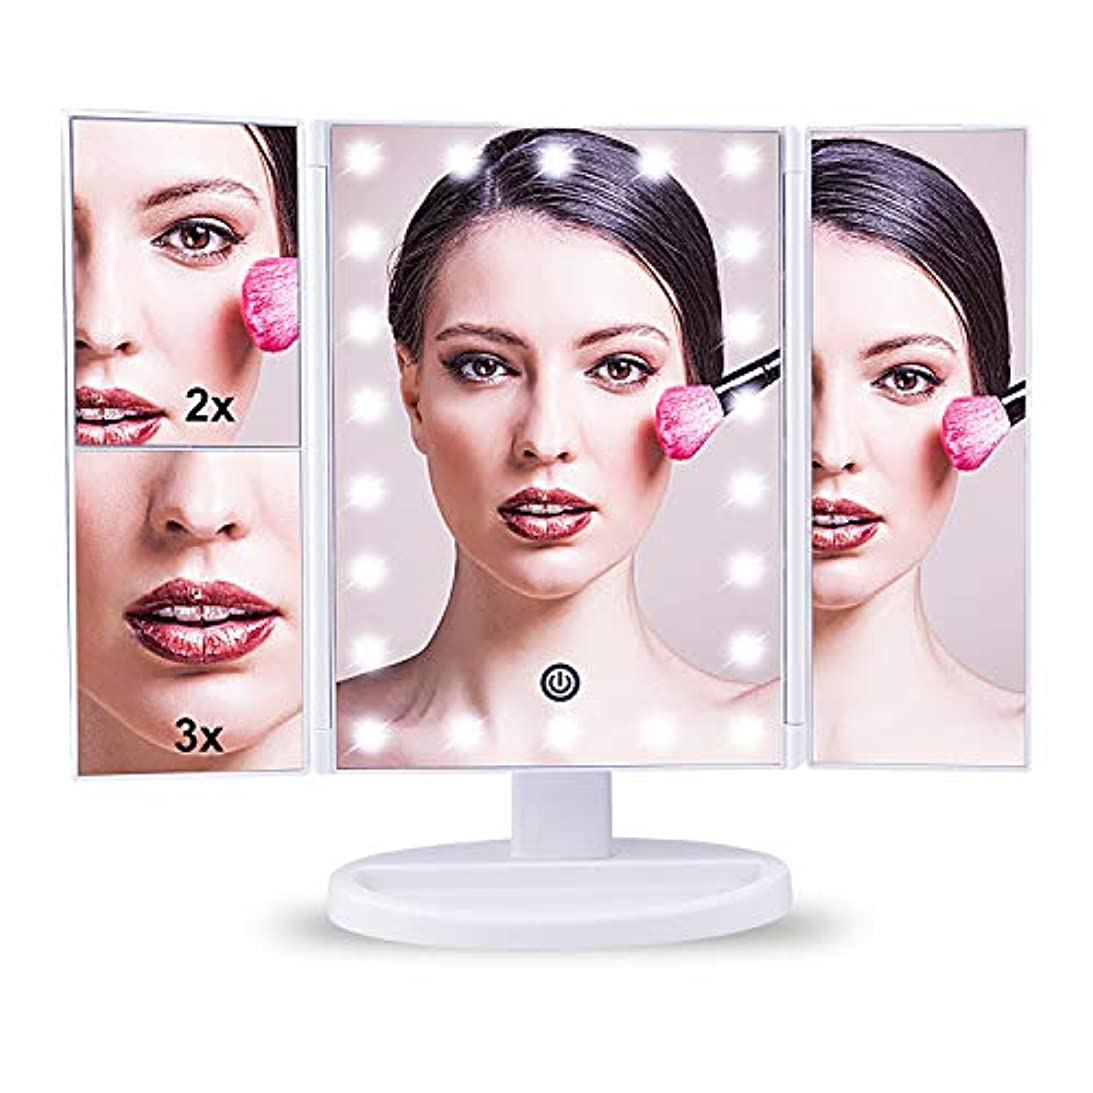 敏感なサイトライン無TREE.NB 化粧鏡化粧化粧台ミラーデスクトップミラー拡大鏡ミラー2倍&3倍拡大LEDライトミラー明るさ調整可能180°回転バッテリー&USB 2WAY給電